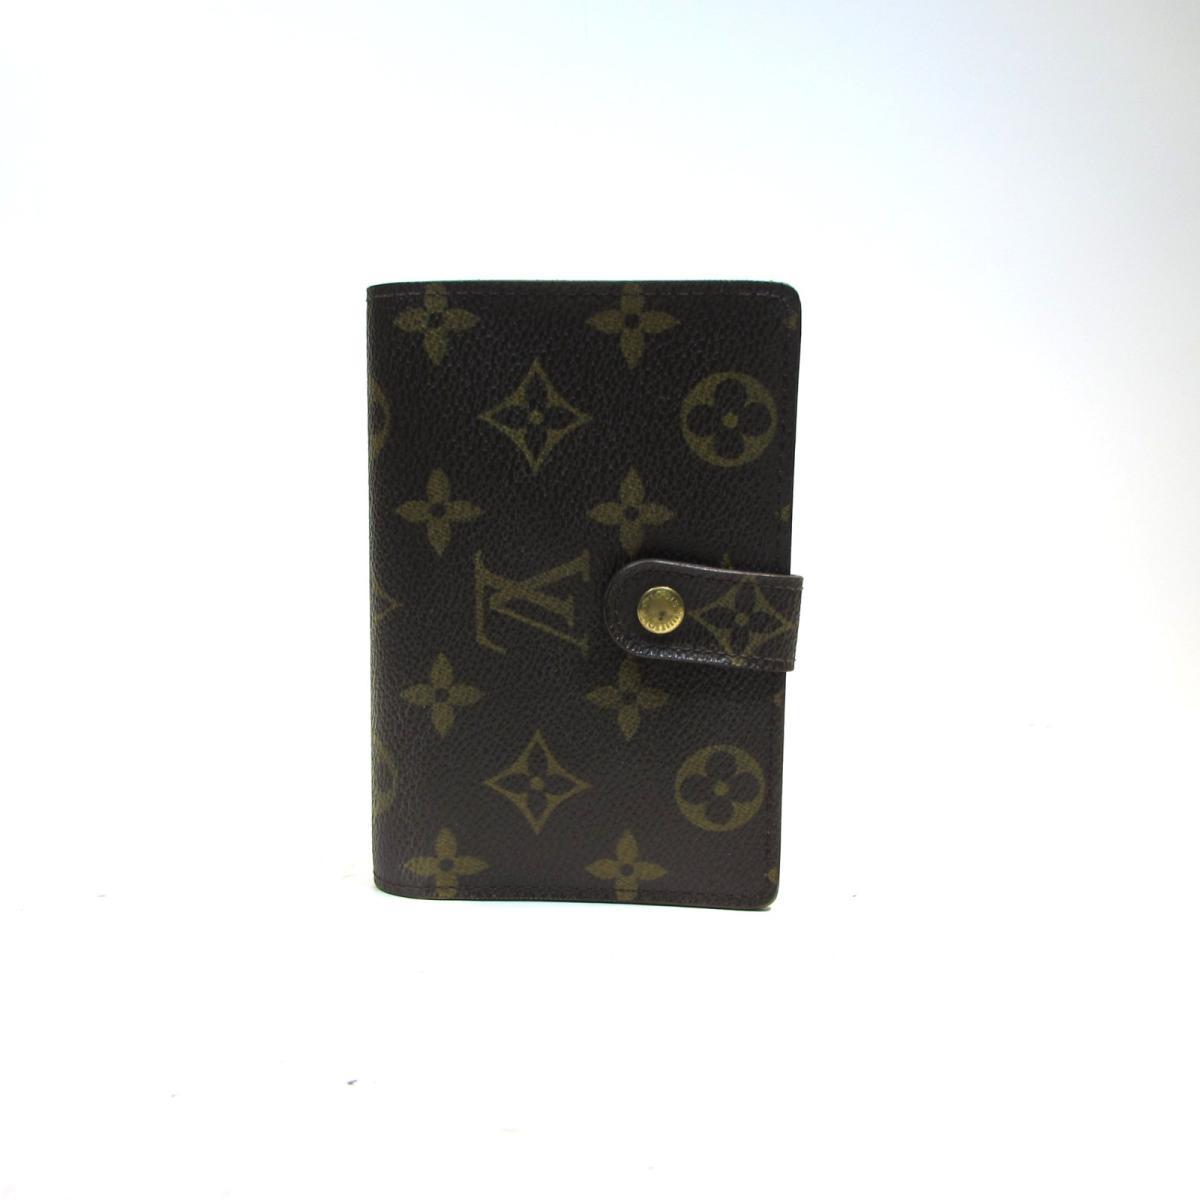 がま口財布 折財布  財布